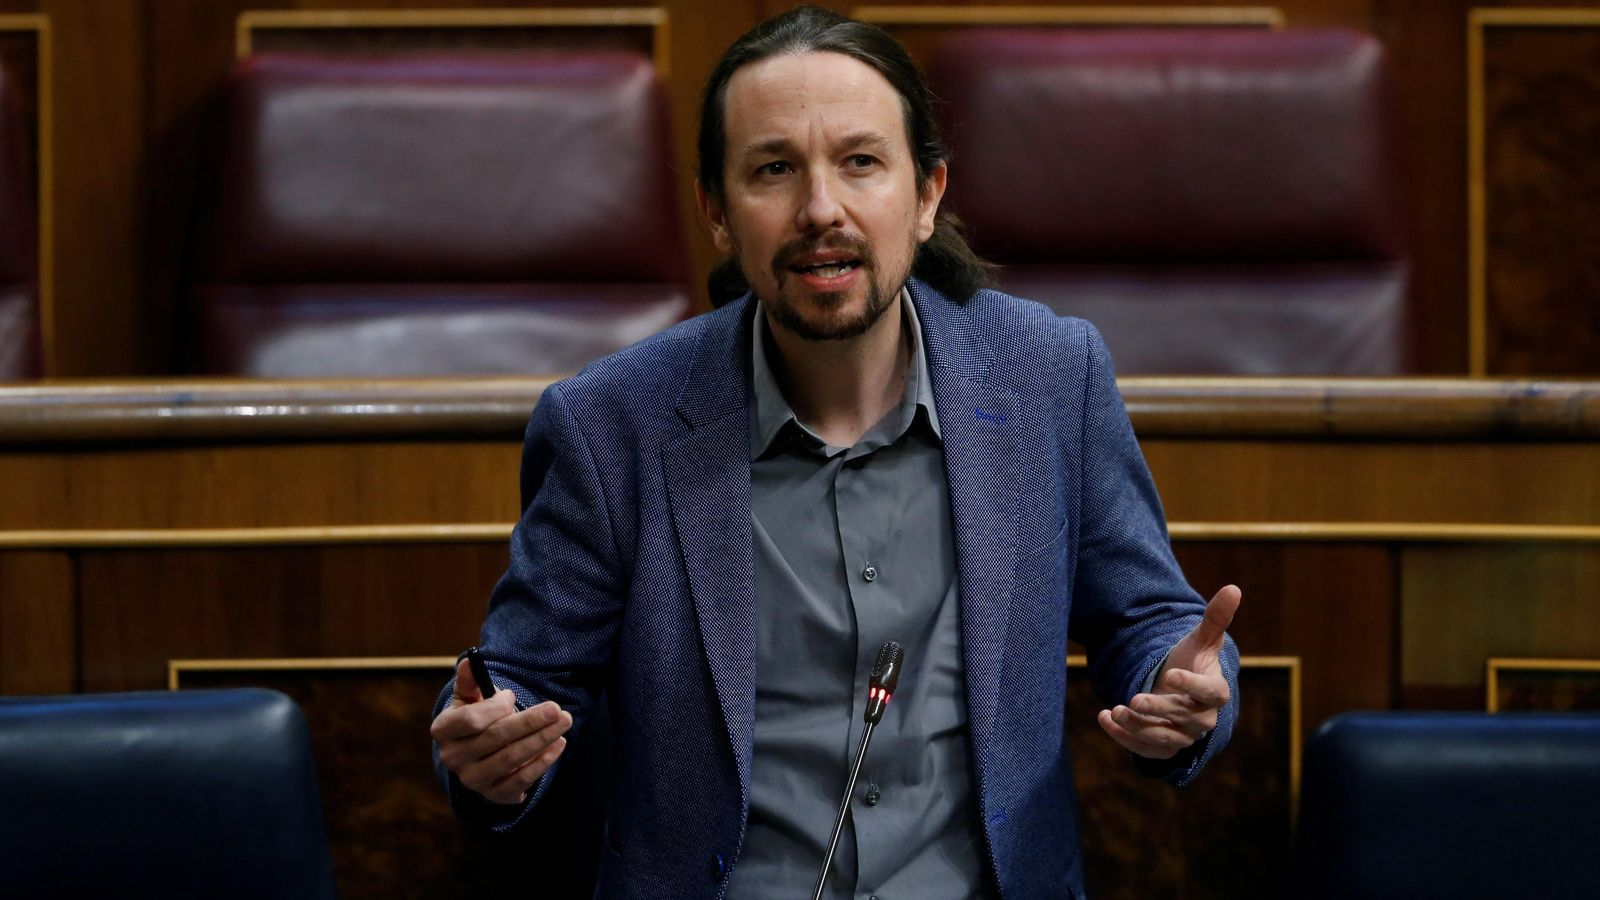 Què era el FRAP, l'organització per la qual Álvarez de Toledo titlla de terrorista el pare de Pablo Iglesias?